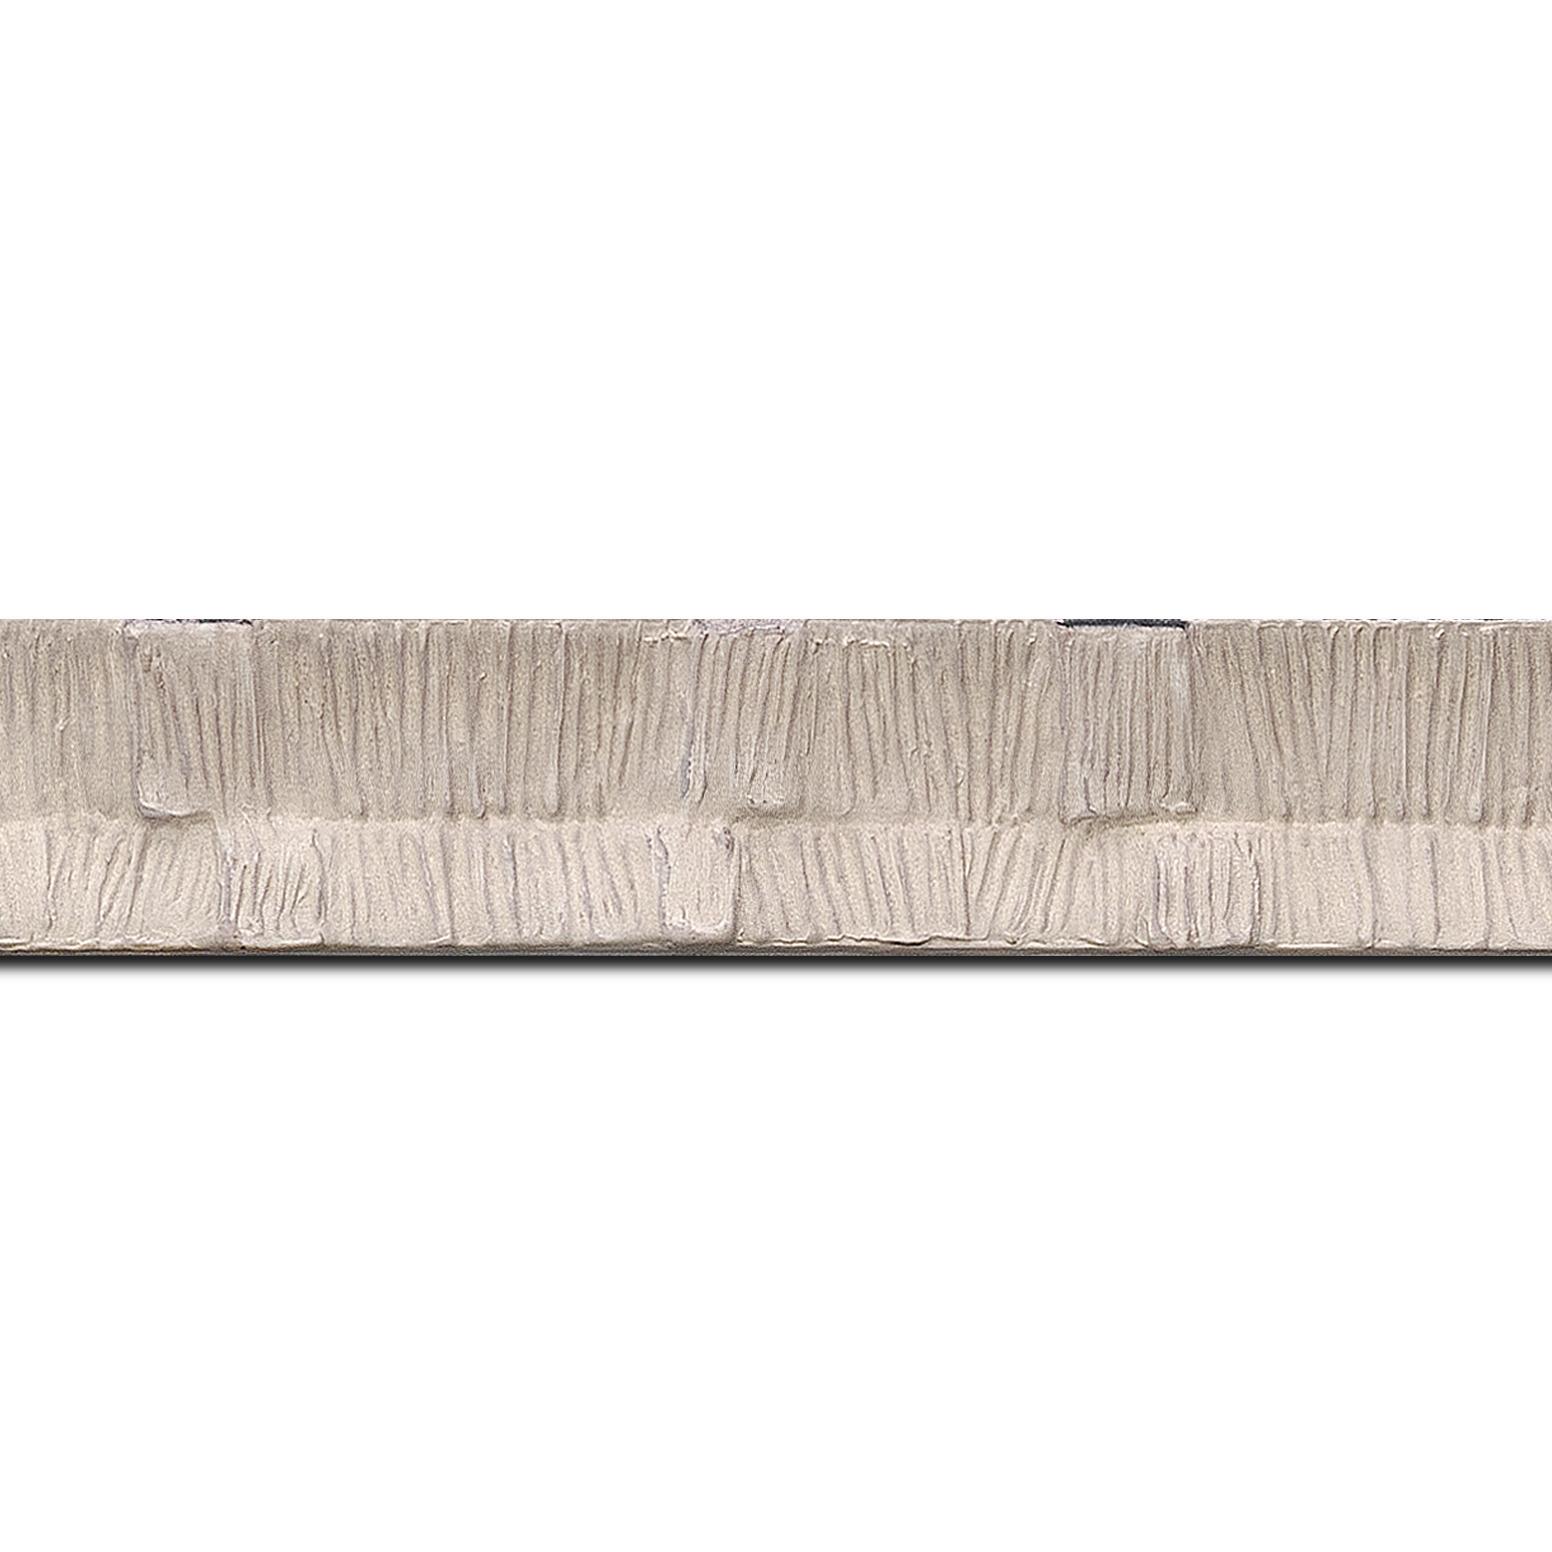 Baguette longueur 1.40m bois profil incurvé largeur 3cm couleur blanc cassé finition ethnique